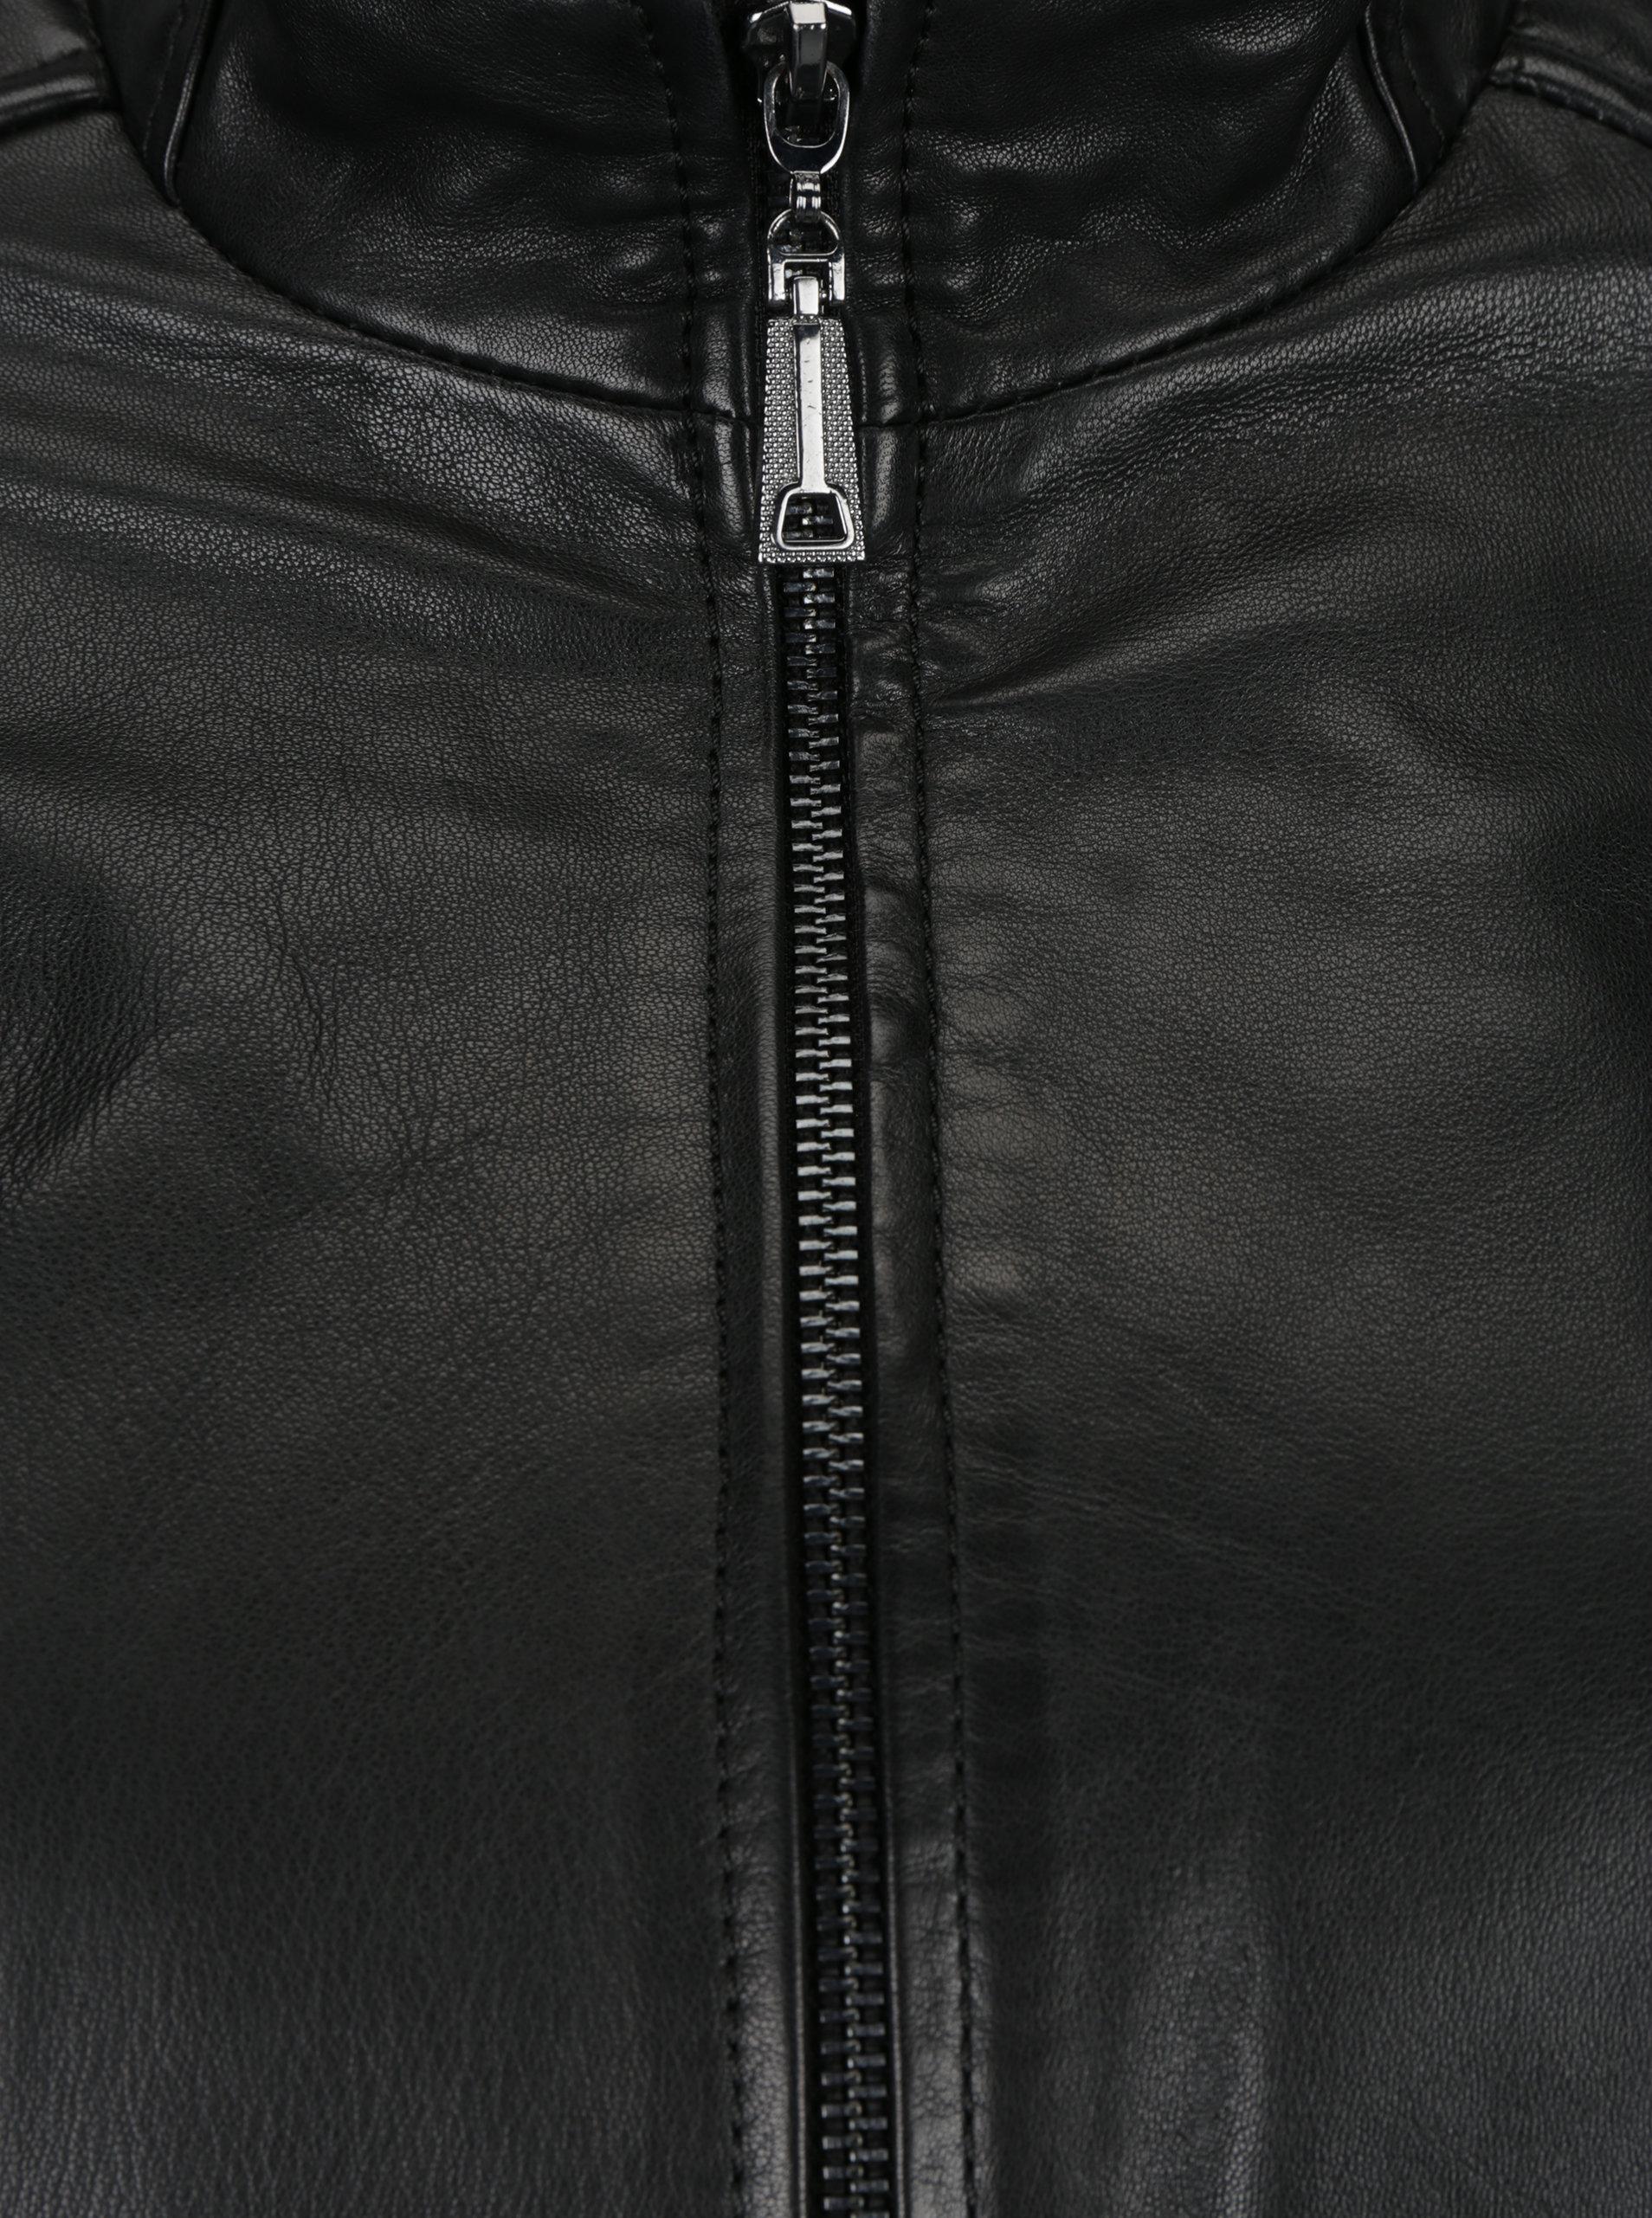 Čierna dámska kožená bunda s prešívanými detailmi KARA Pavlina ... ba025d8561c